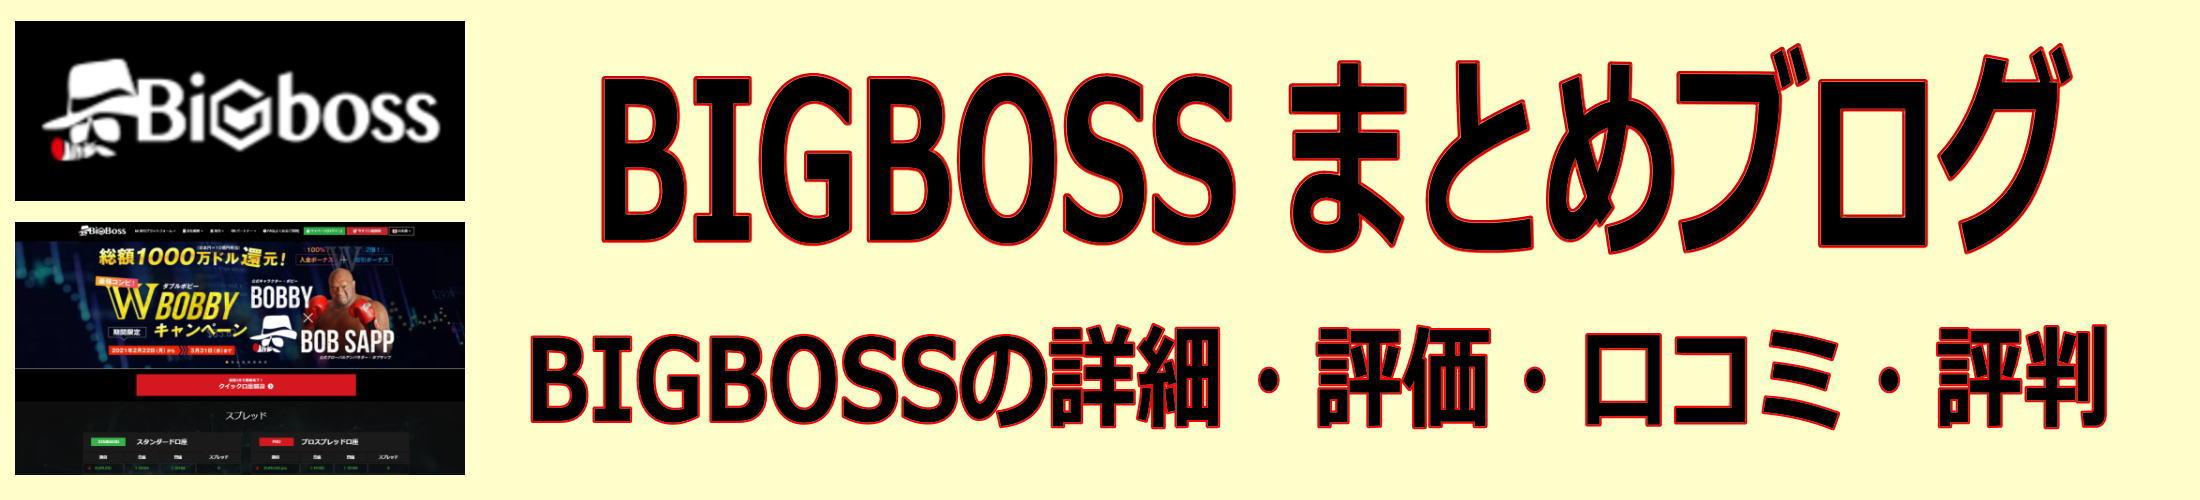 BIGBOSSの口コミ・評判・詳細・概要・レビュー・比較